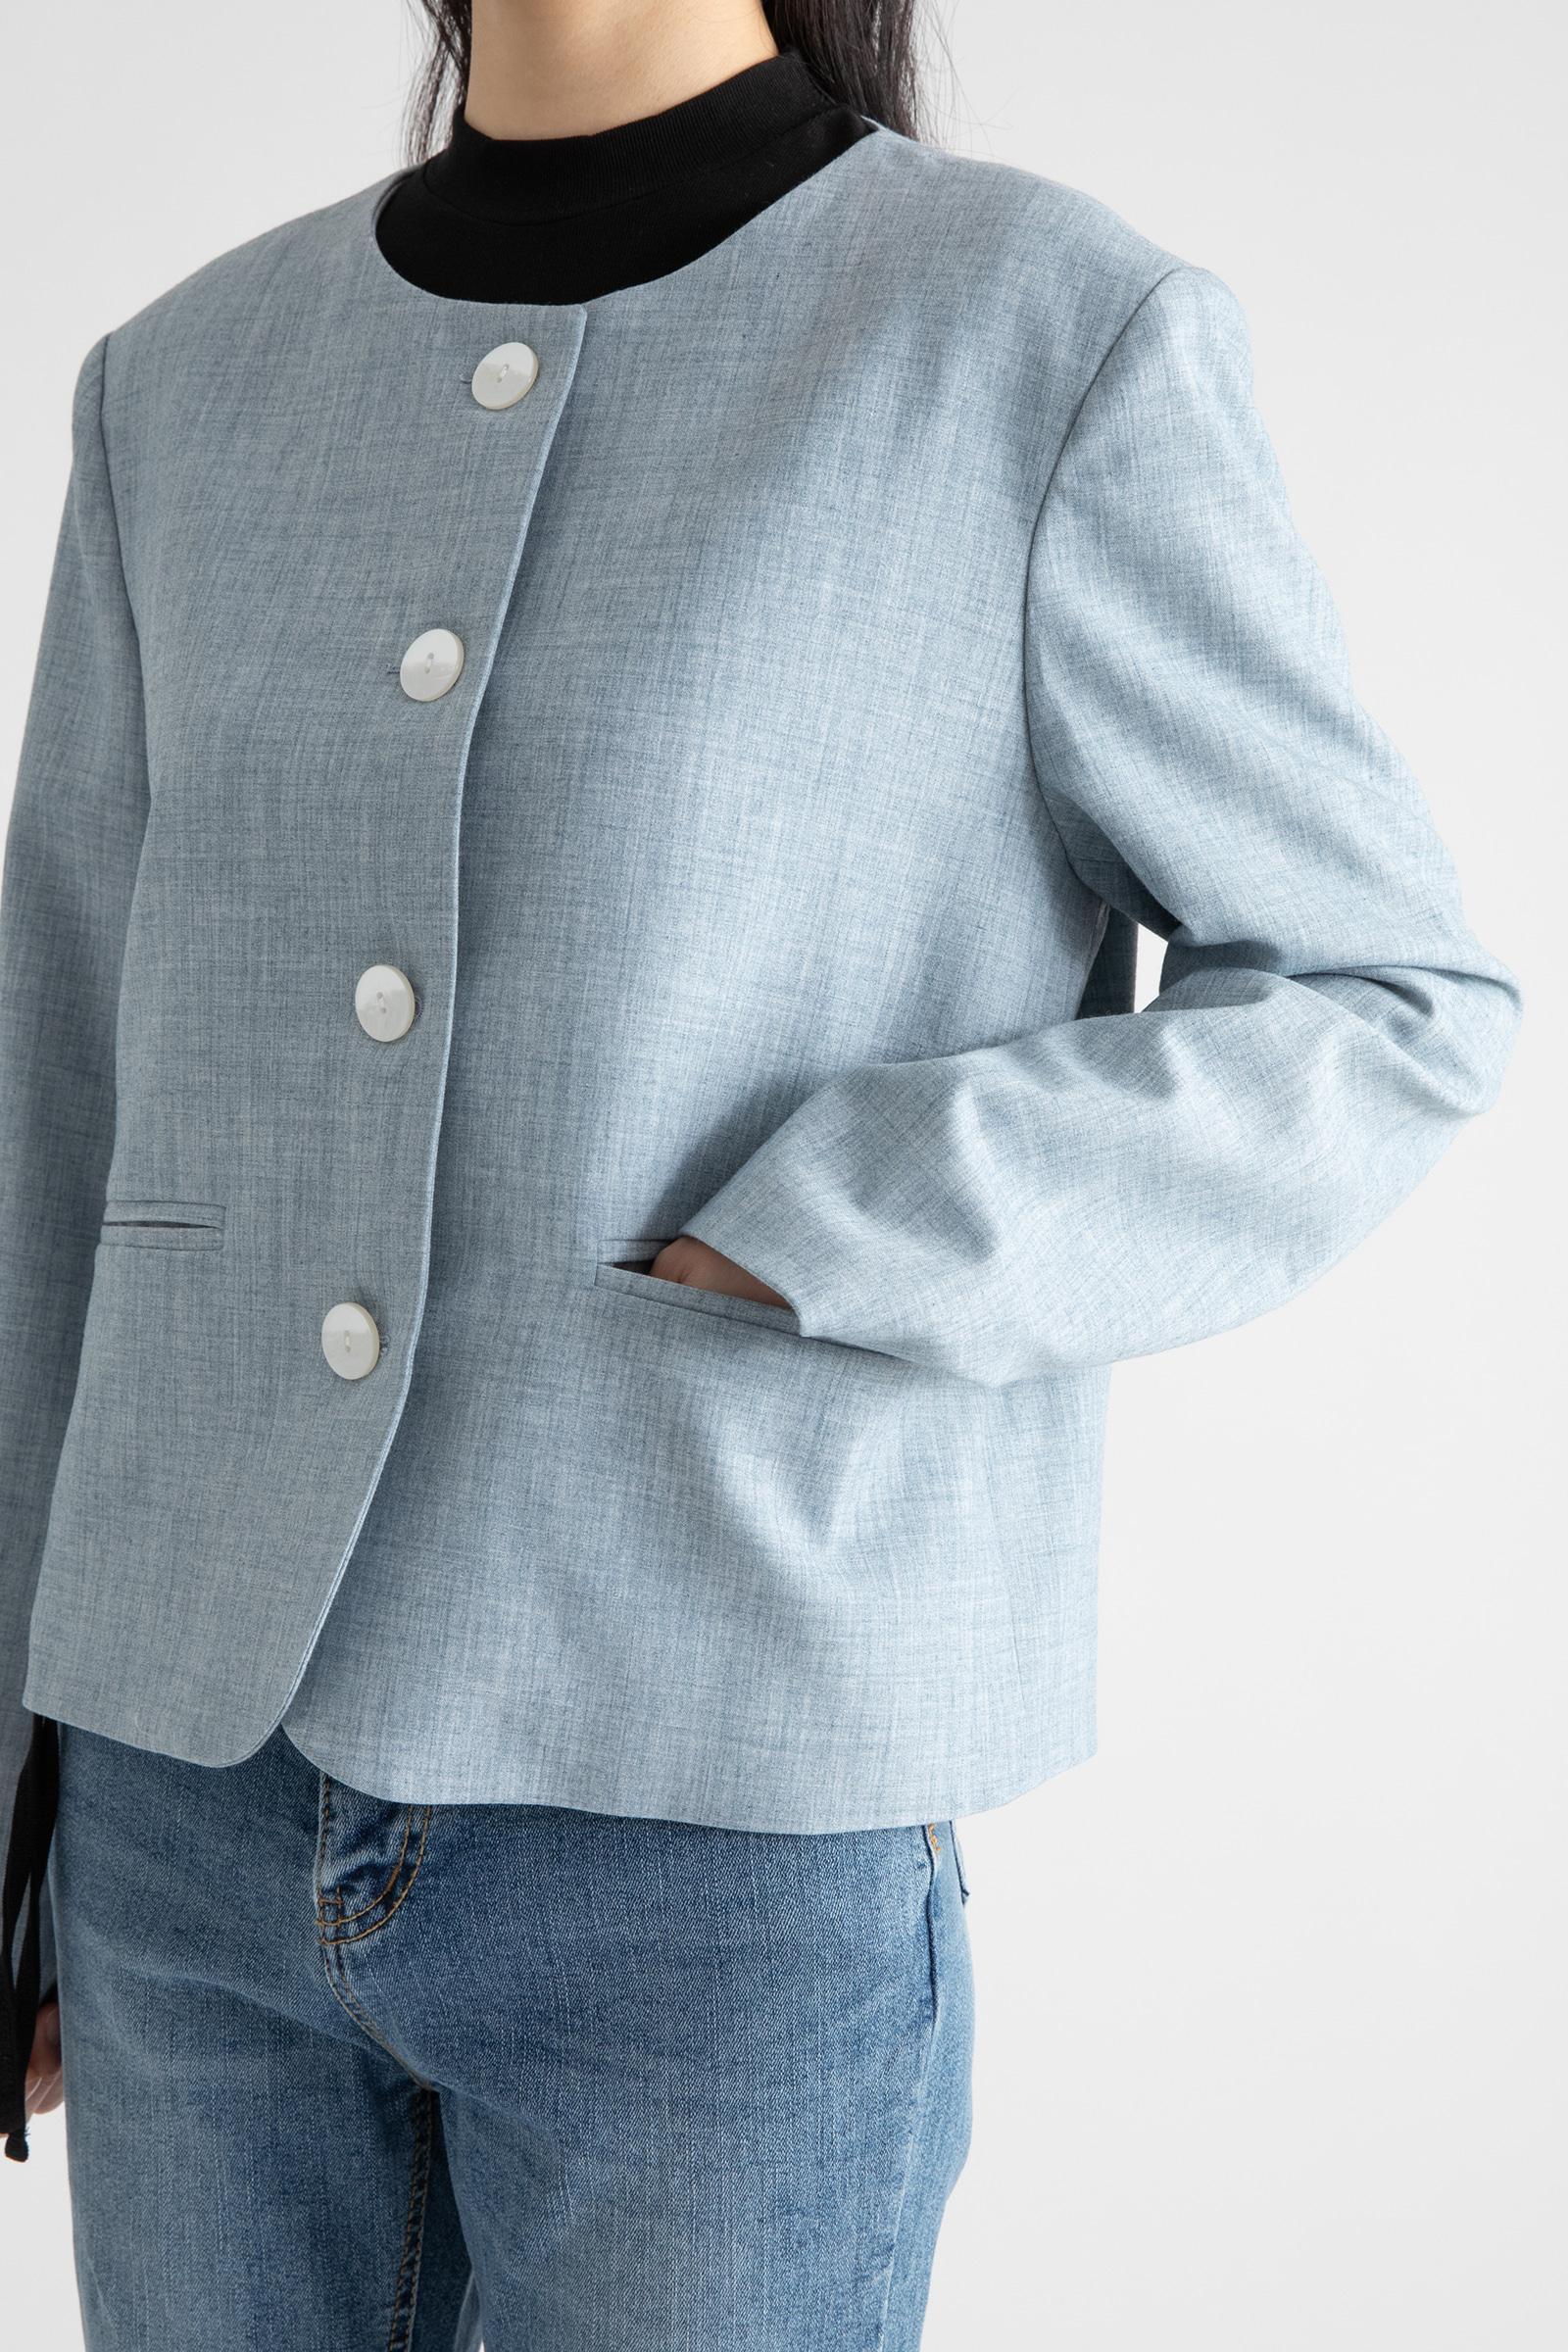 Windy Cararis Single Jacket